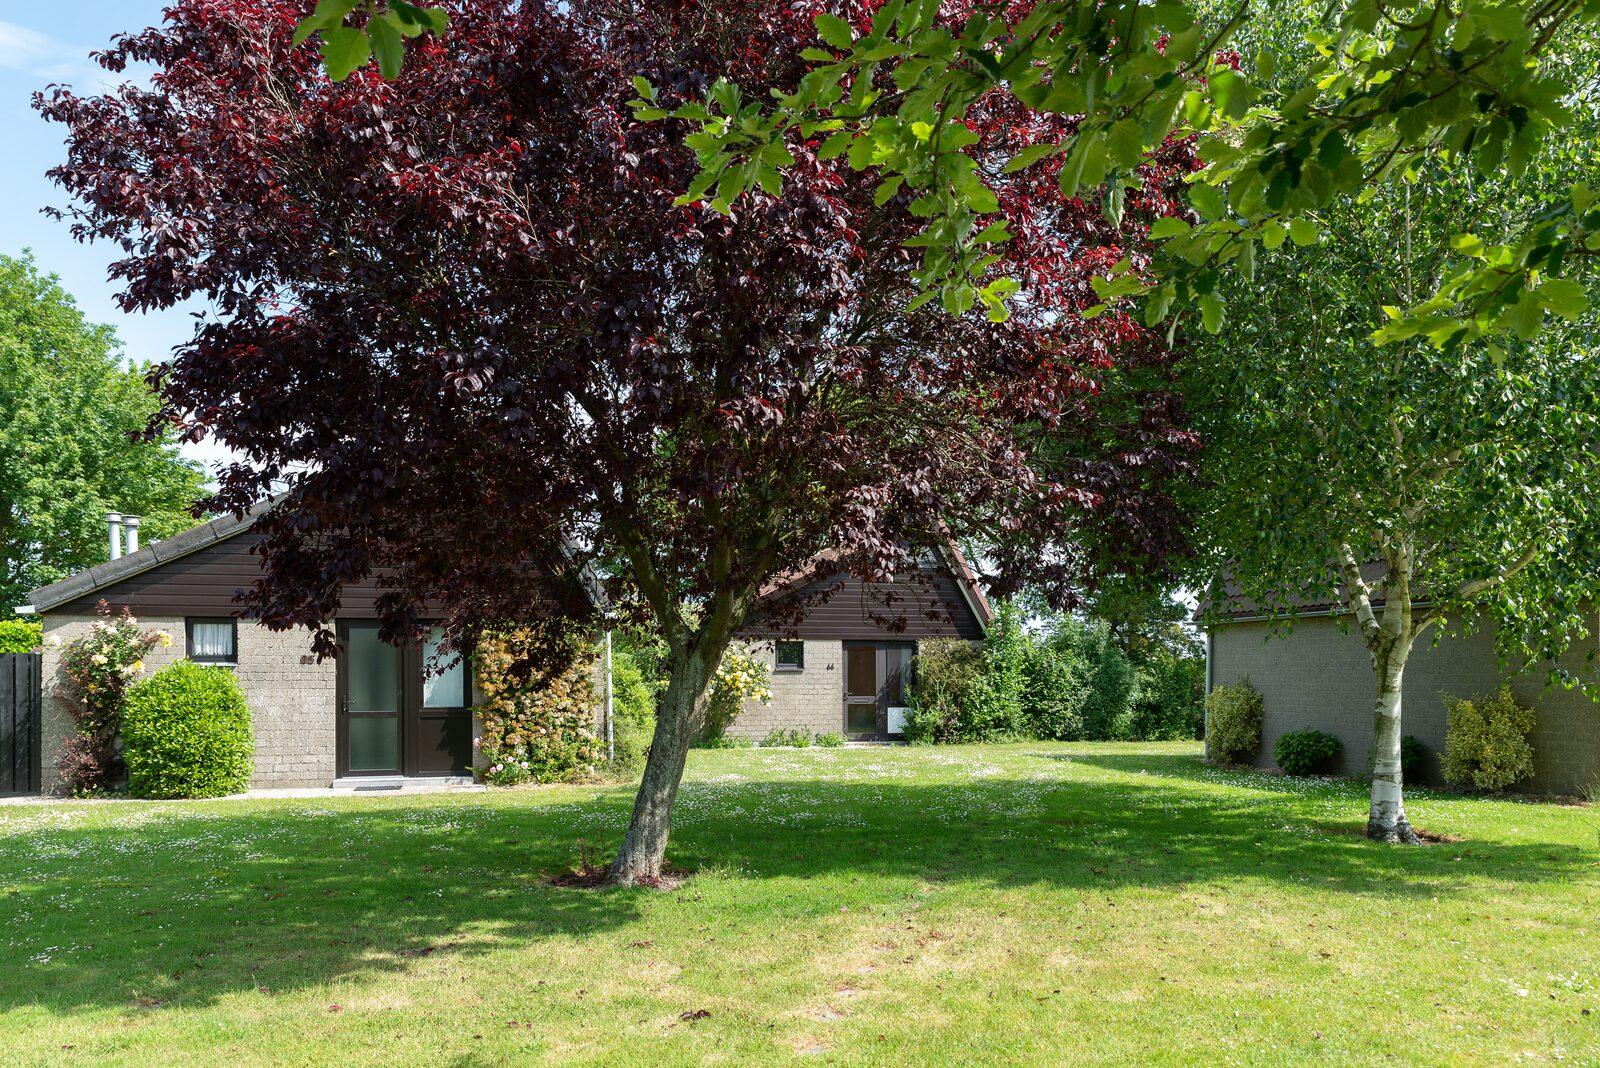 Vakantiehuis - Kuyerdamseweg 17 | Ellemeet 'De Haerde 66'